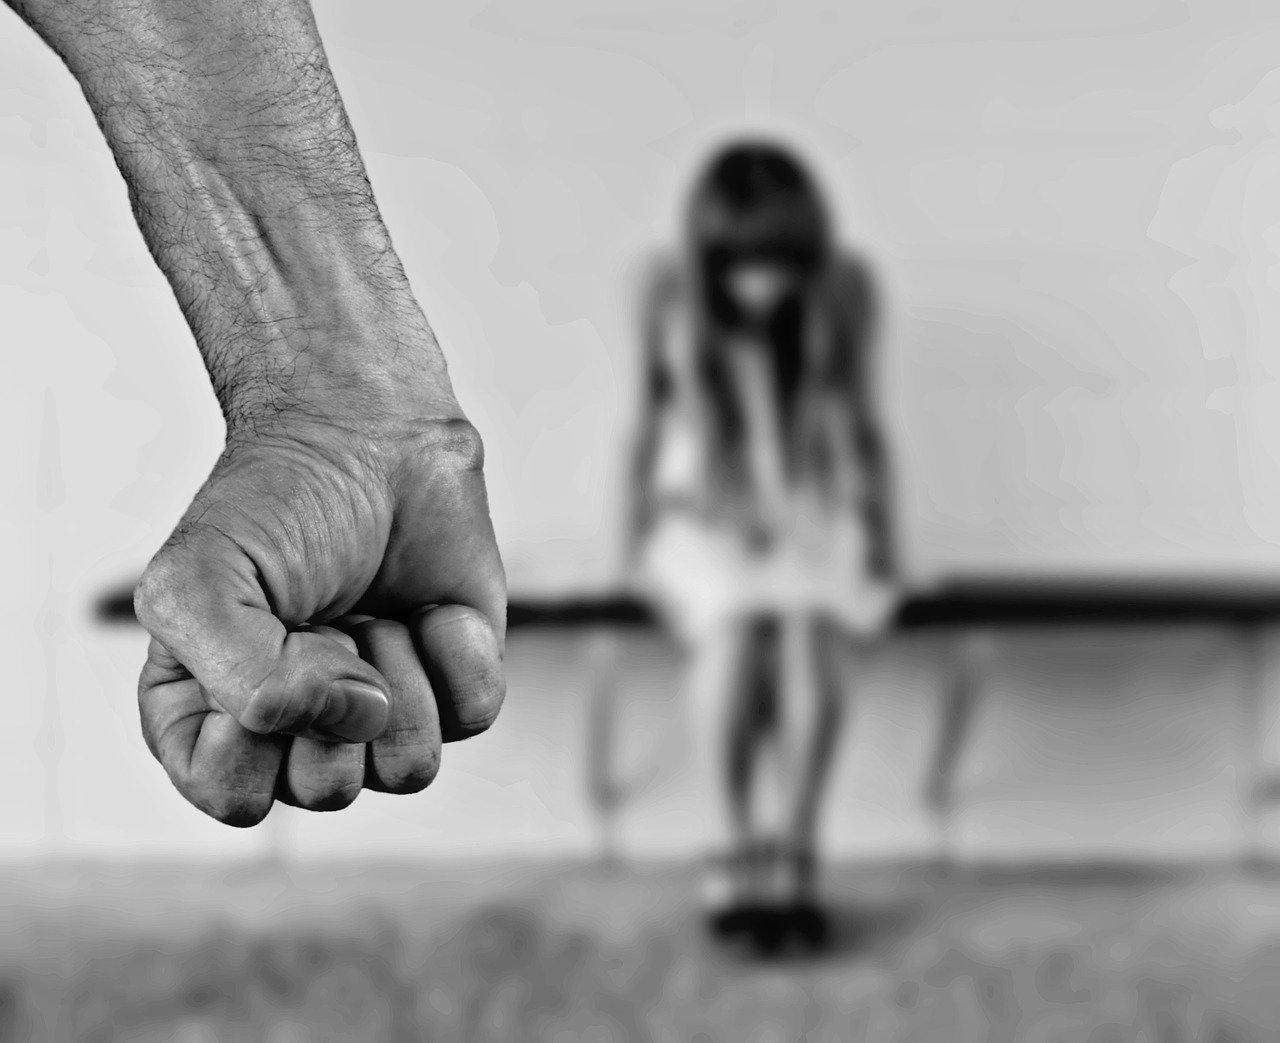 В Уральске начался суд по делу о развращении отчимом 13-летней девочки